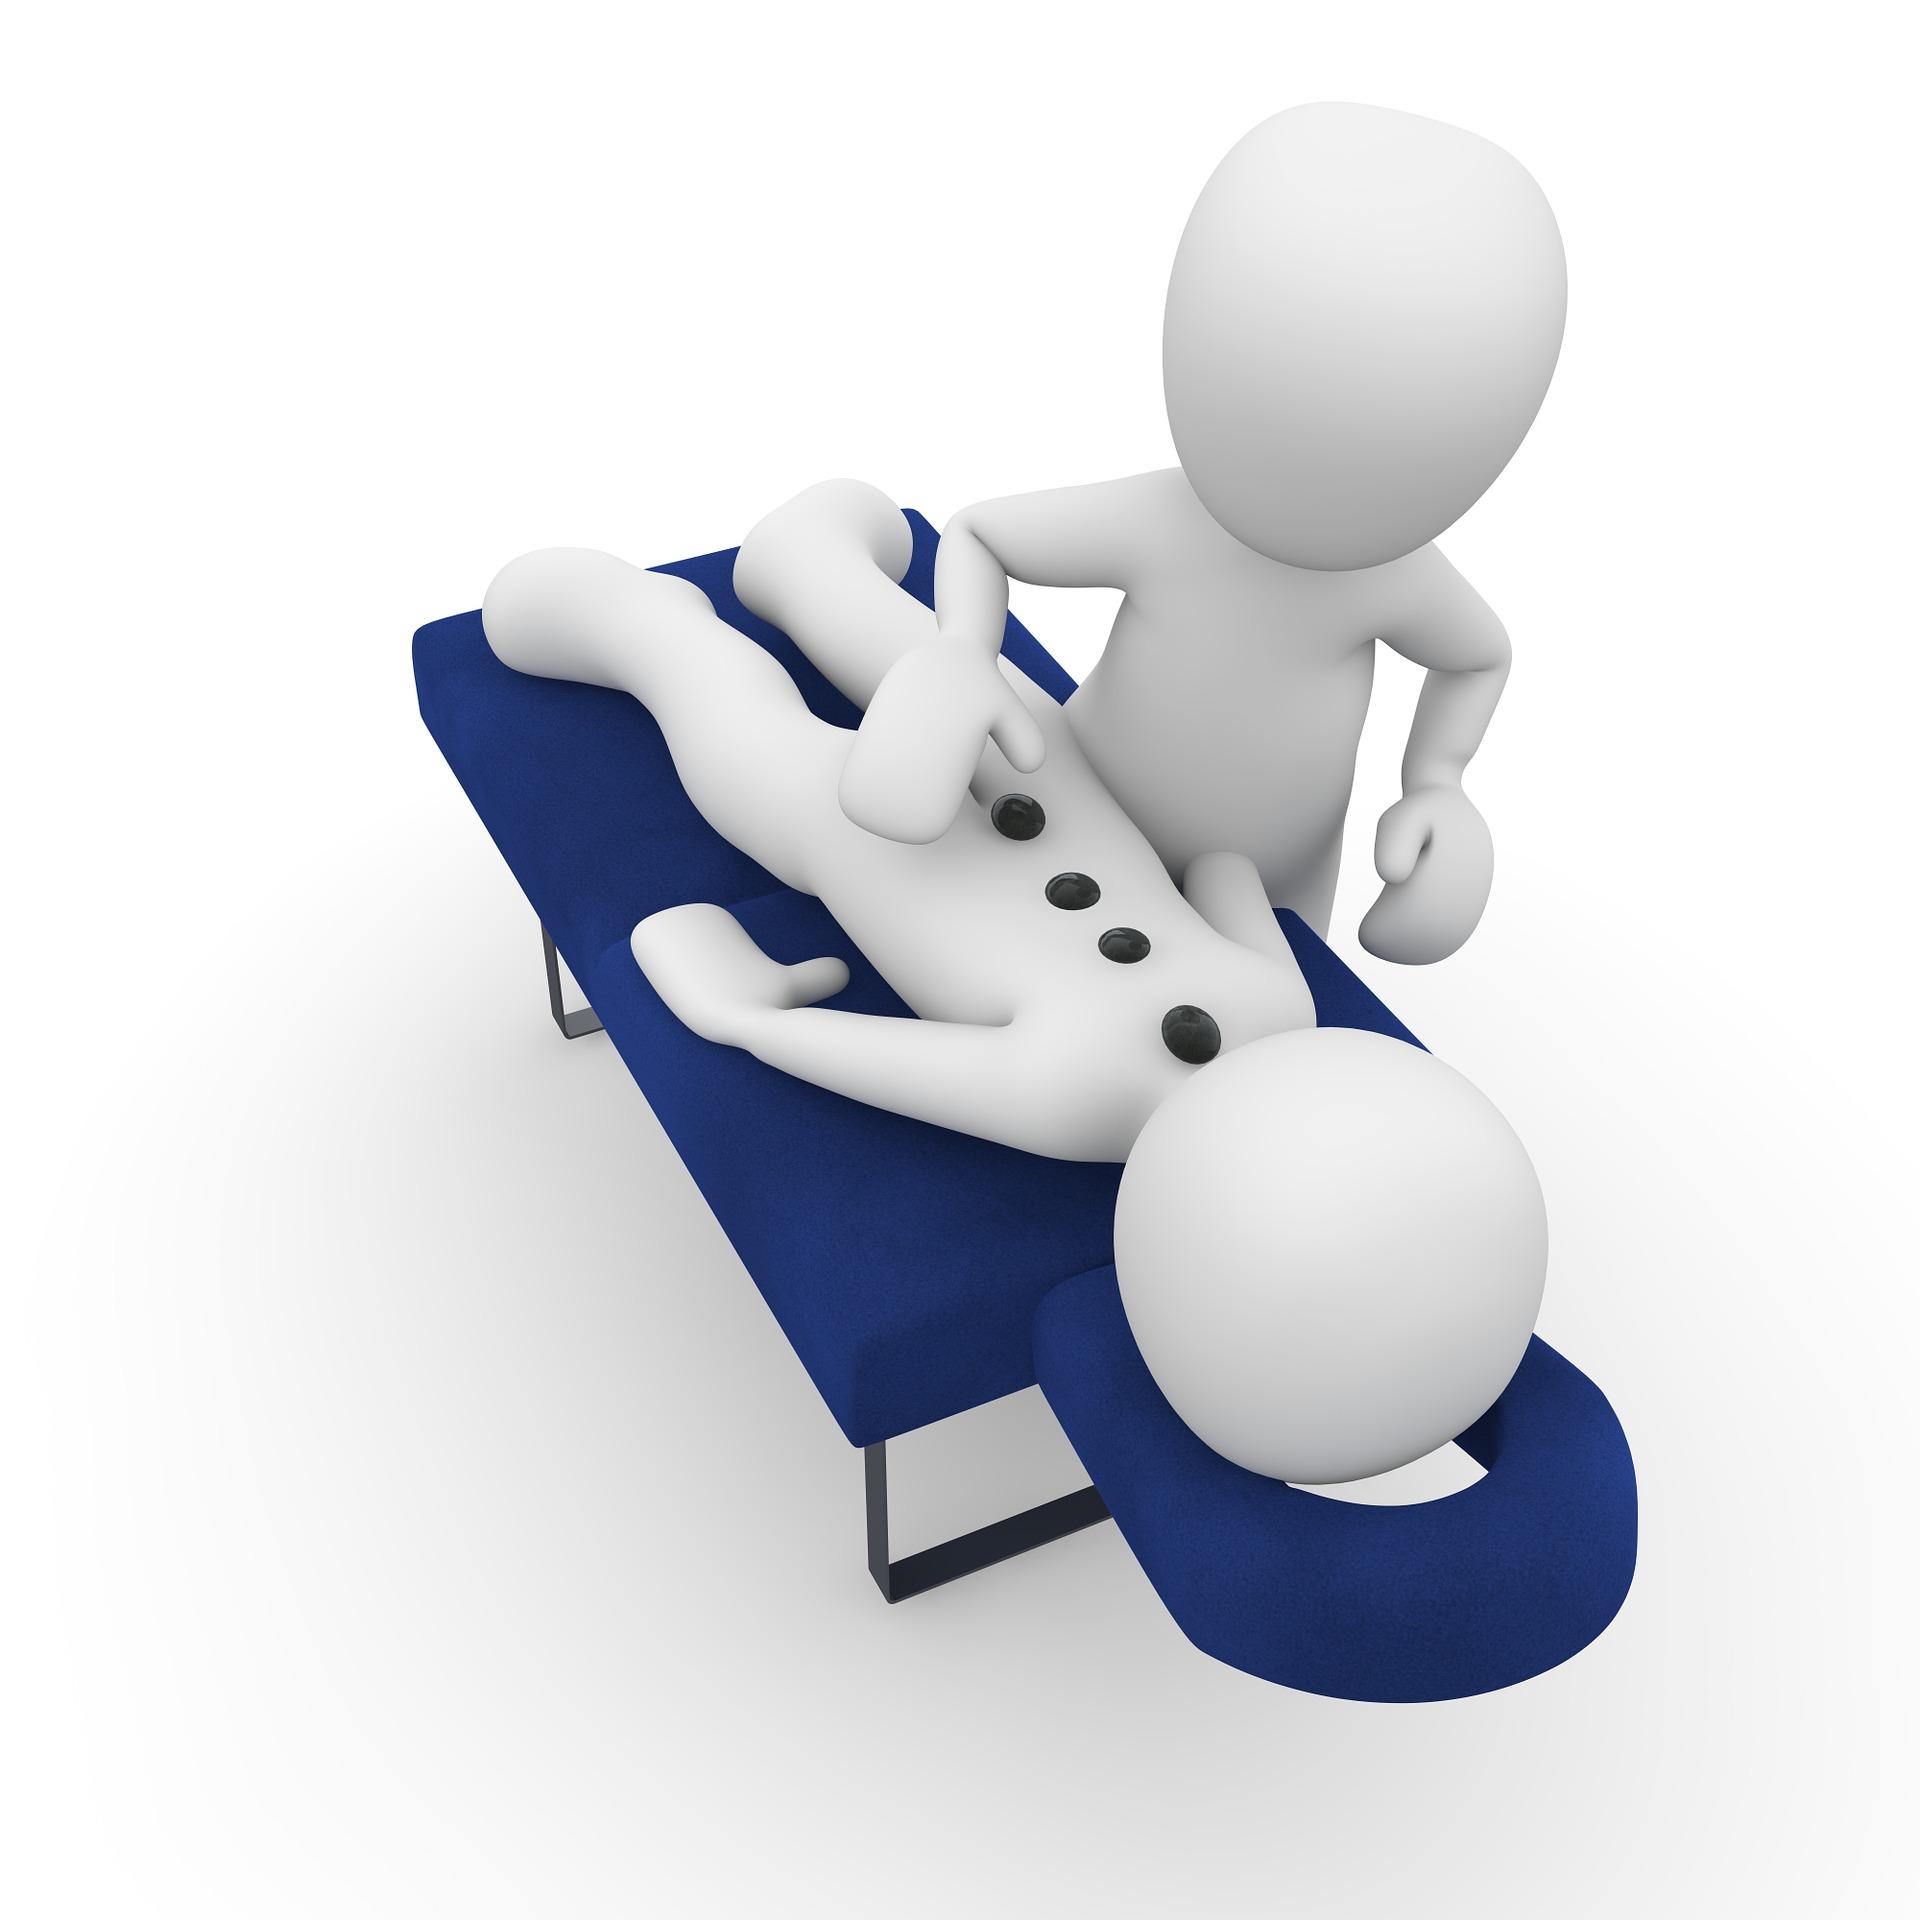 סובלים מפציעות כתוצאה מאימונים קשים? פיזיותרפיסט ספורט יכול לעשות משהו בקשר לזה